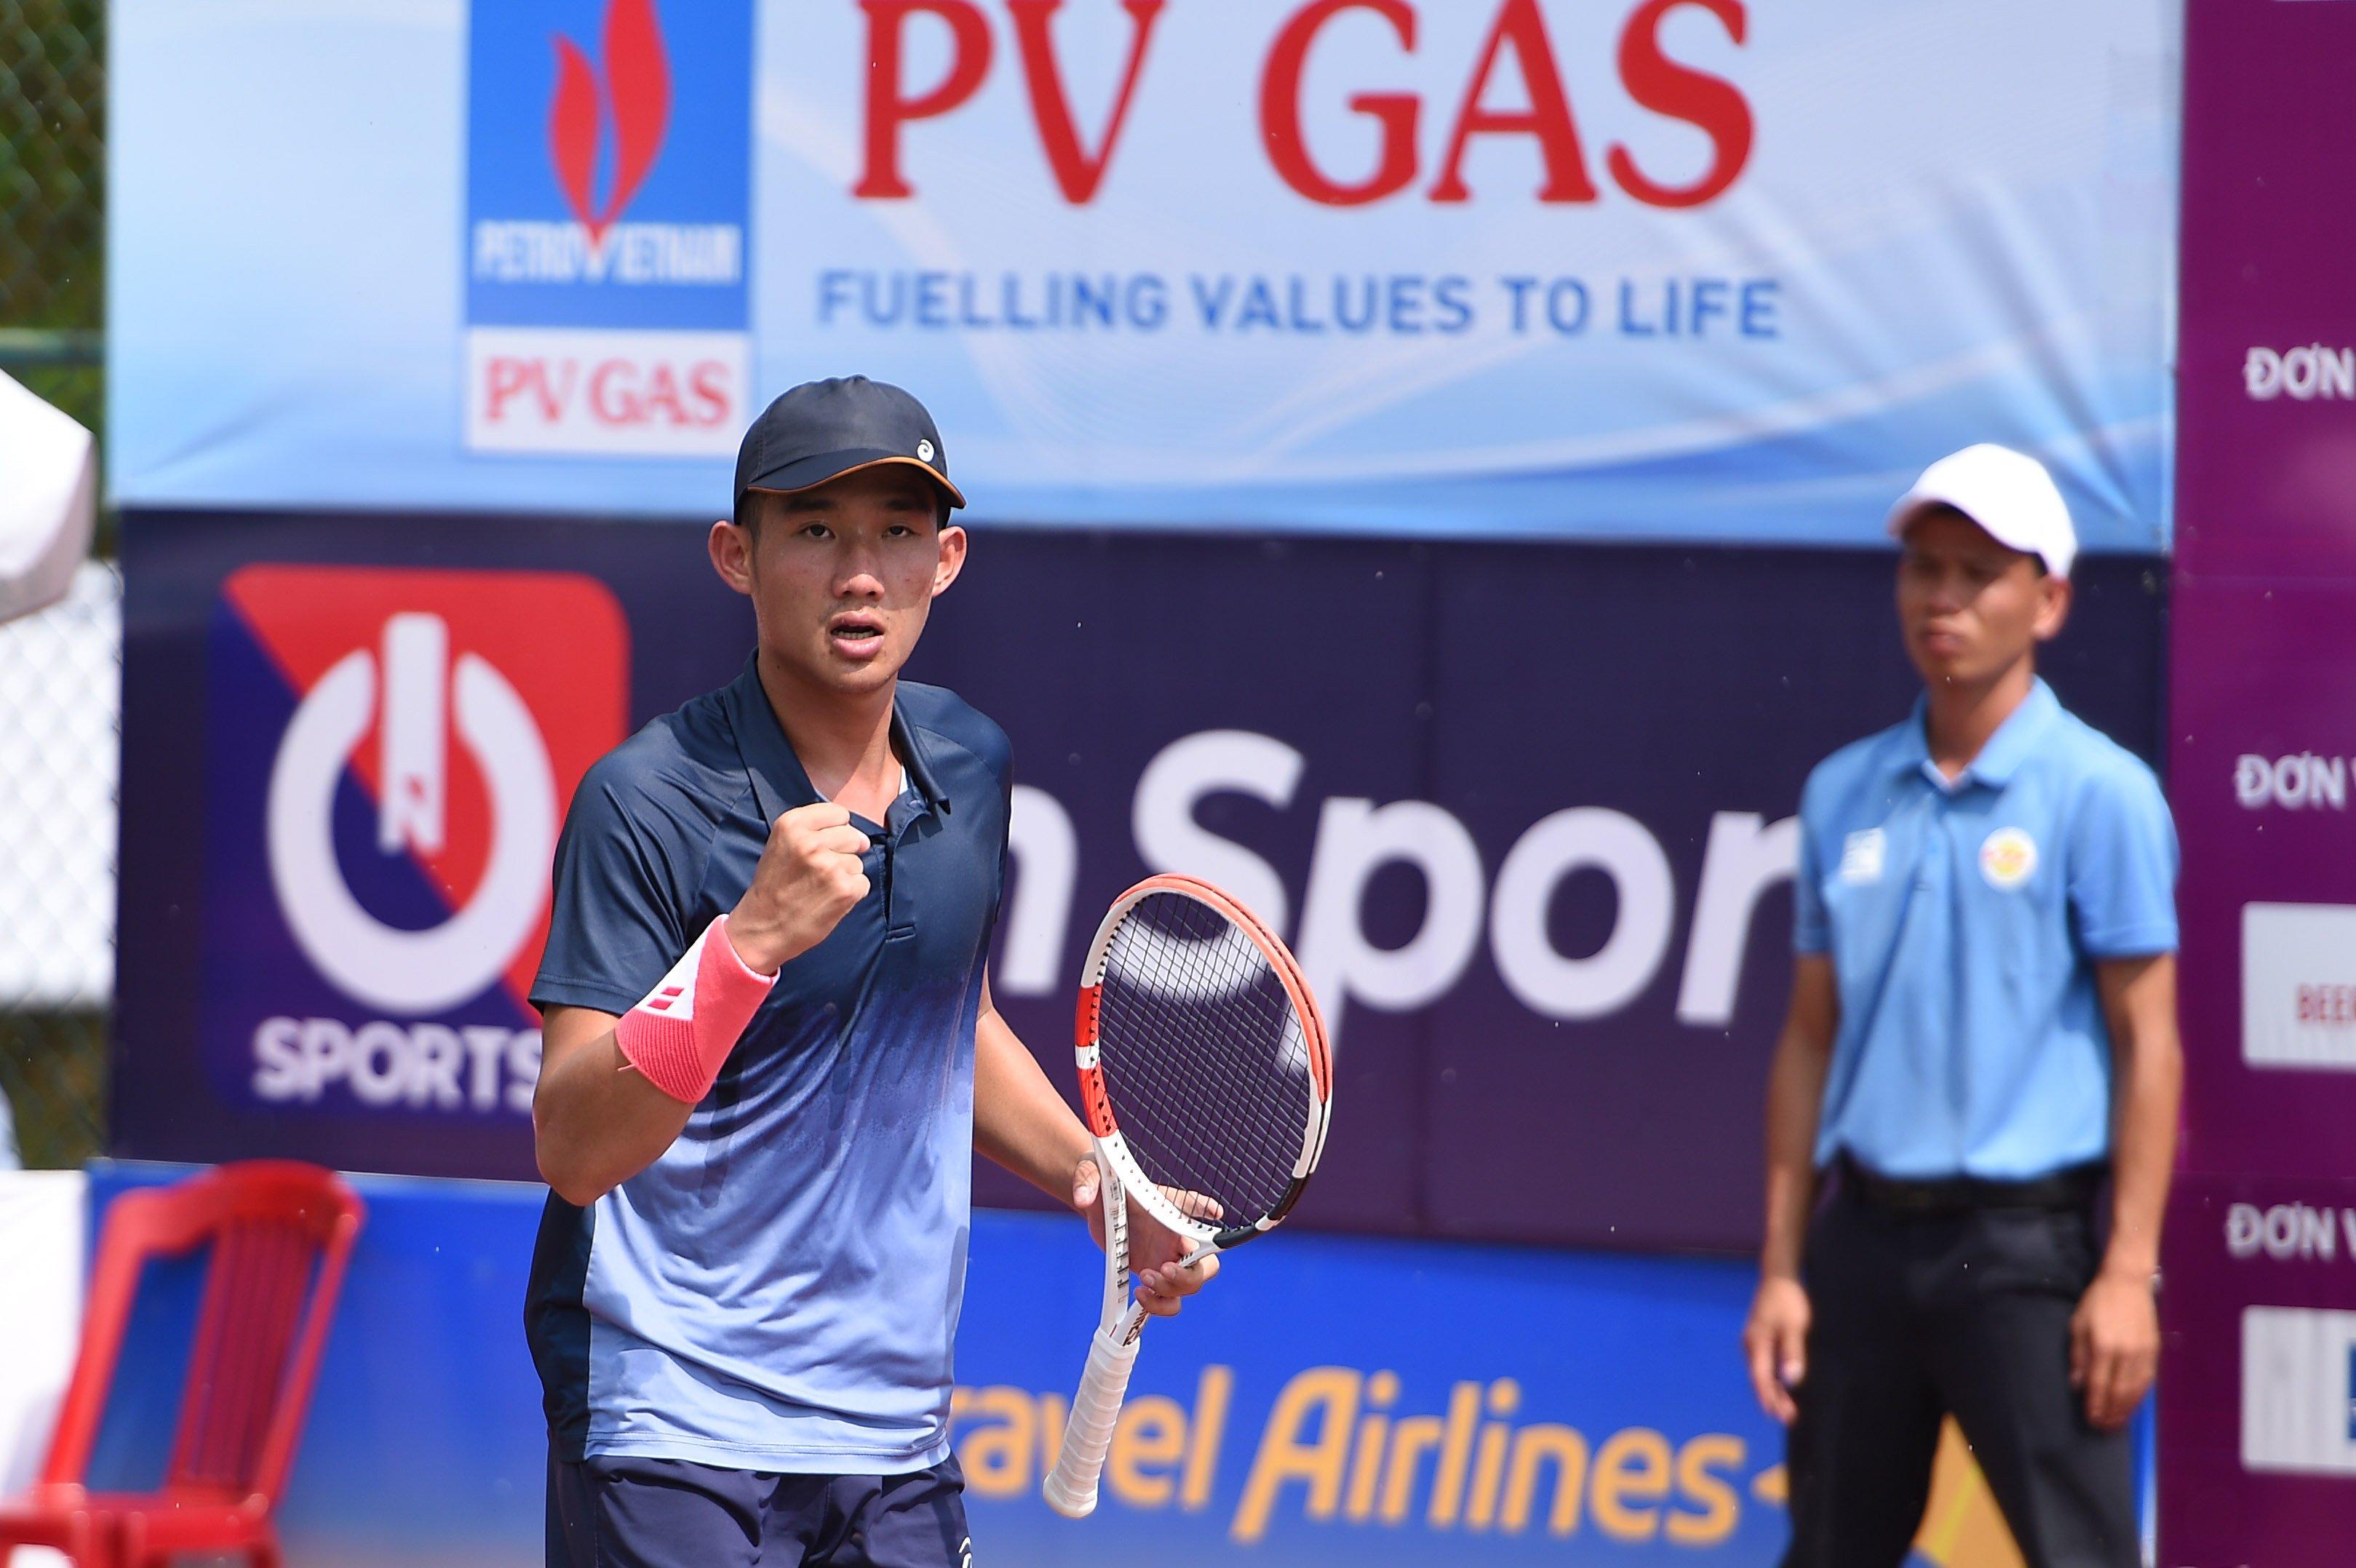 Hình ảnh: Nữ Hưng Thịnh TP.HCM đăng quang Giải quần vợt vô địch đồng đội Quốc gia 2021 số 3